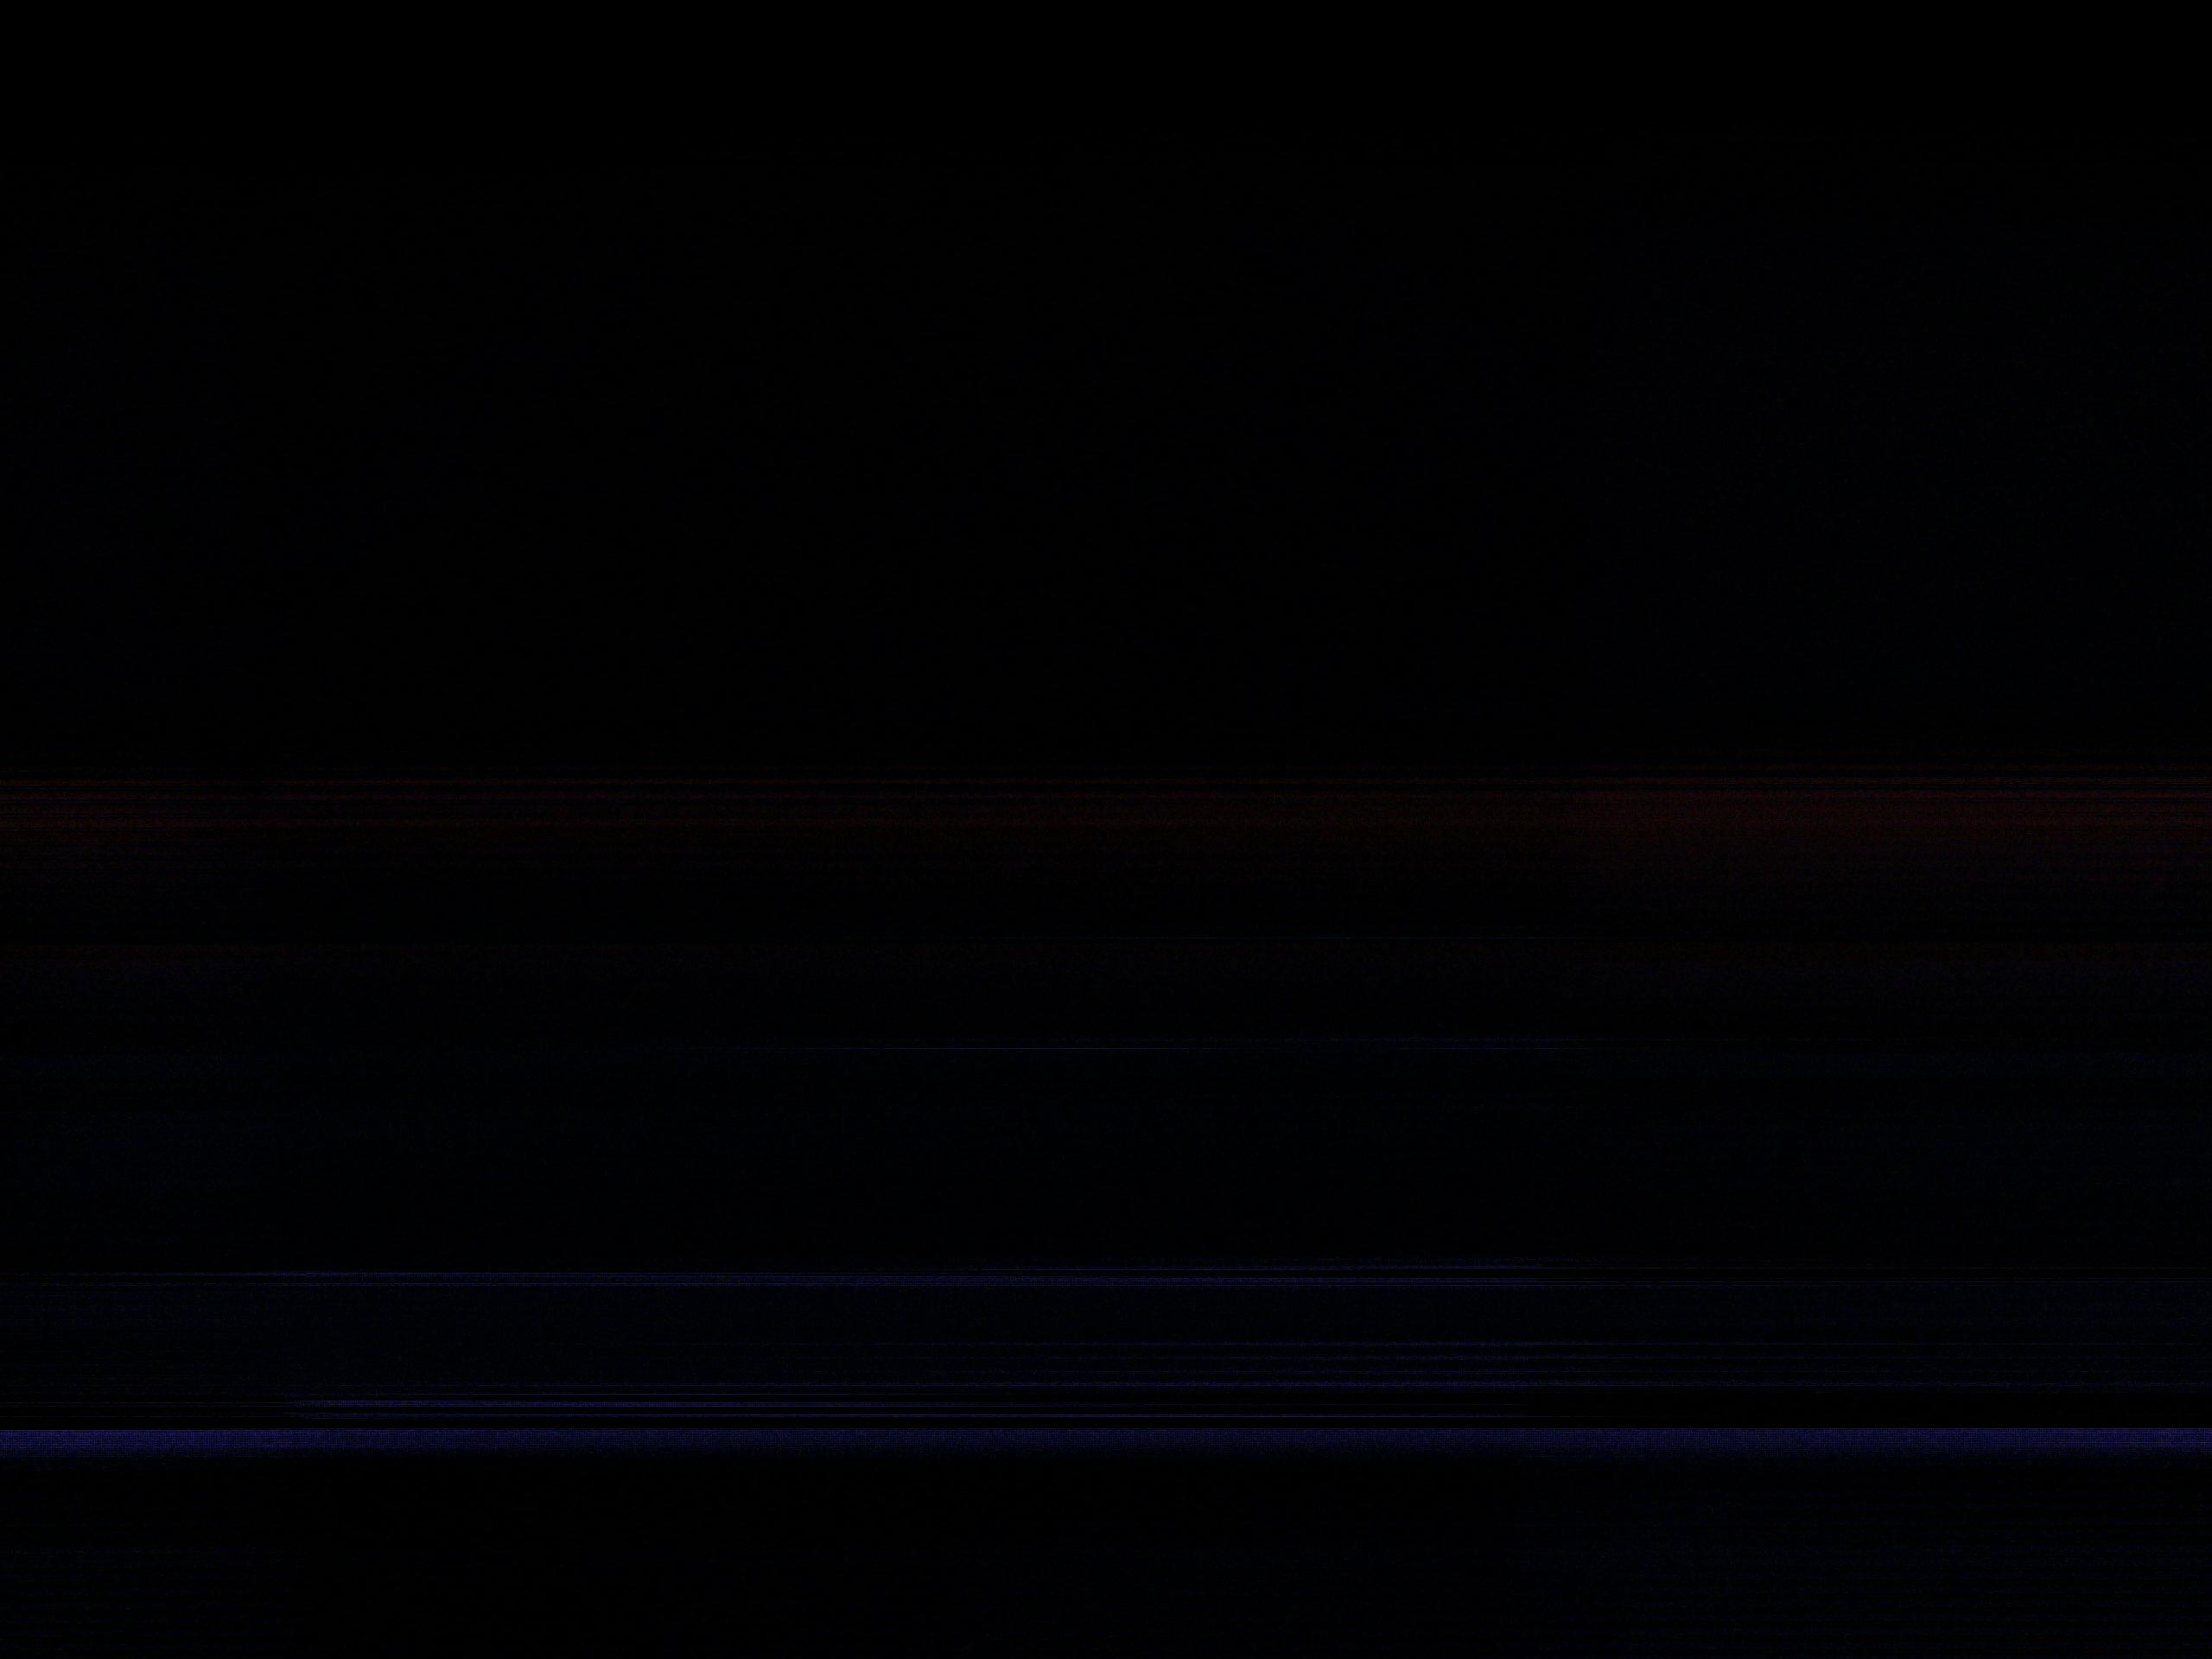 خلفية سوداء سادة صور سوداء داكن سادة للتصميم مساء الورد